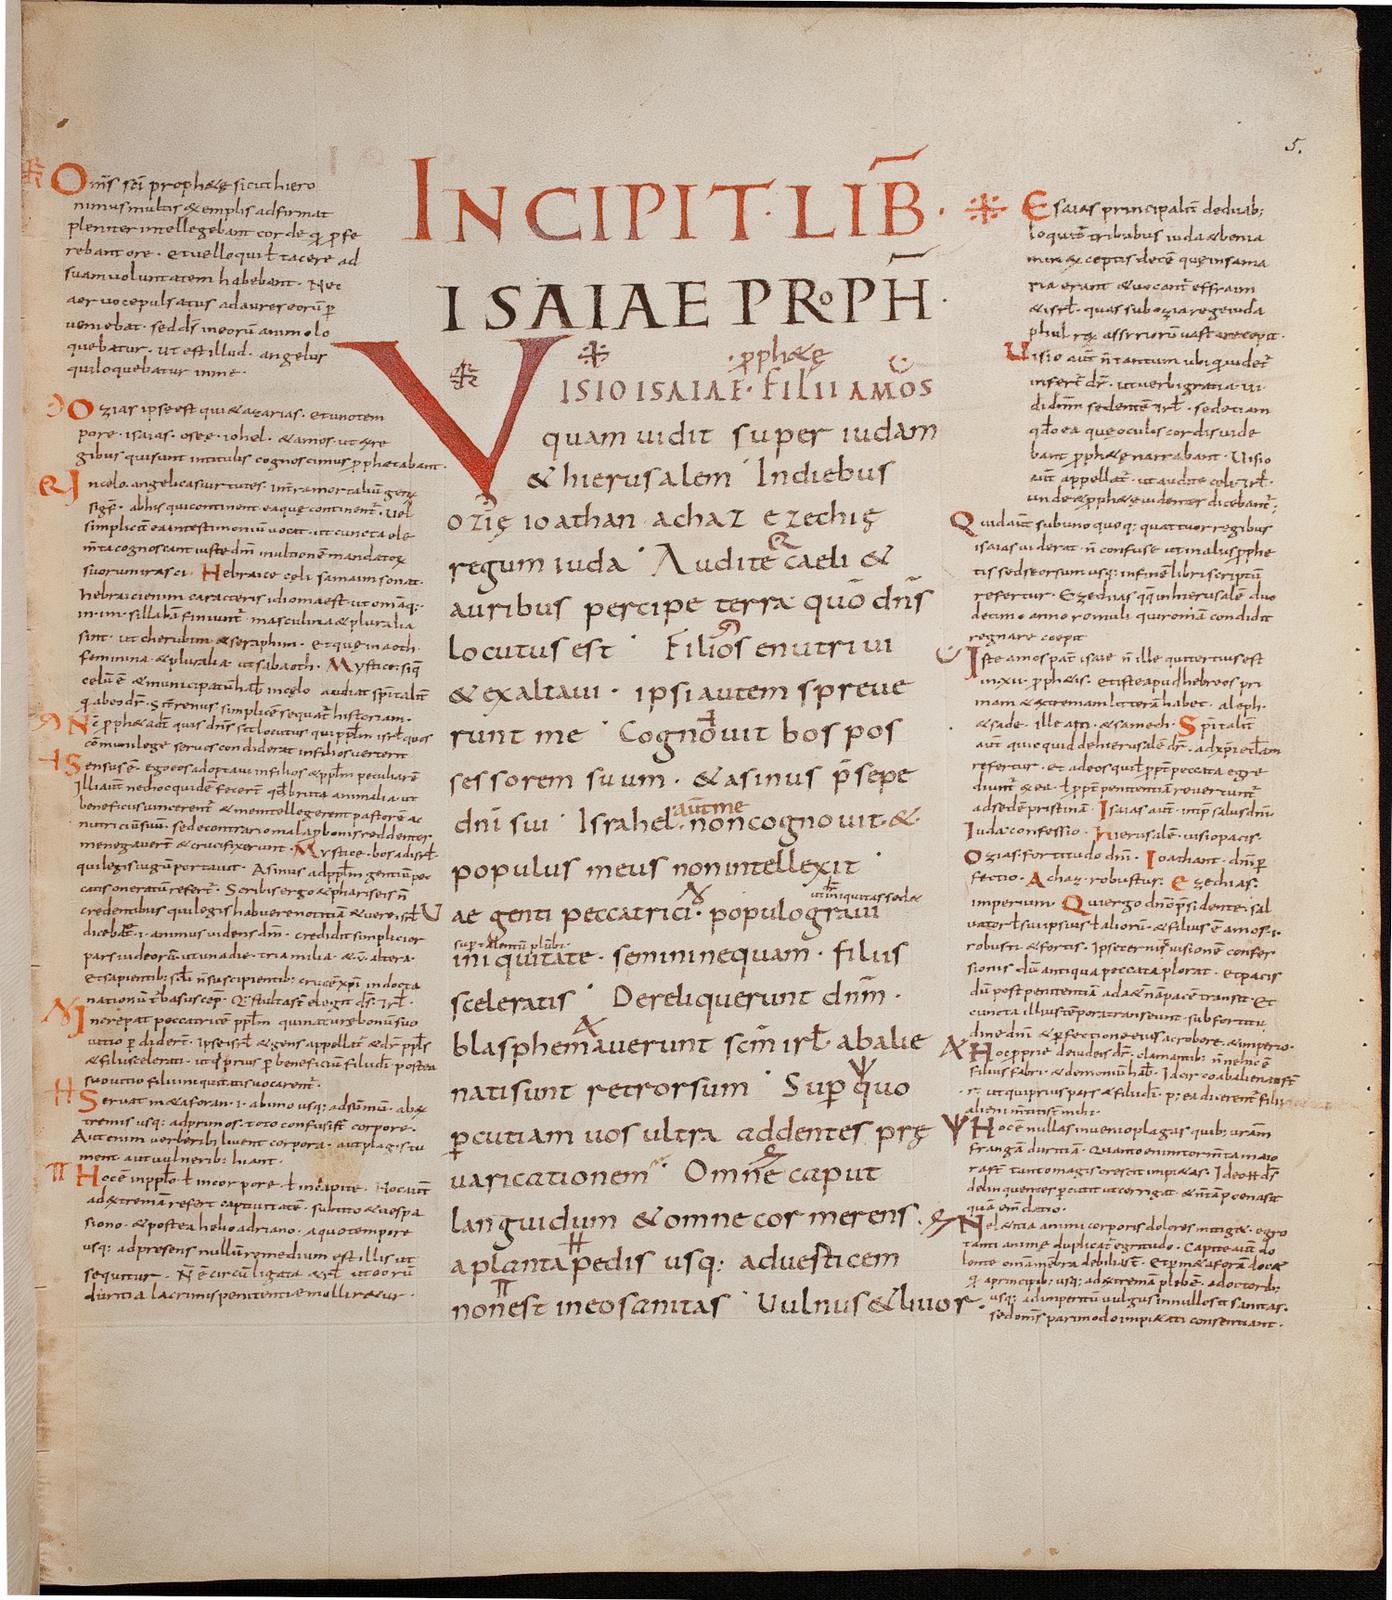 HERZOG AUGUST BIBLIOTHEK WOLFENBUETTEL: COD. GUELF. 33 WEISS.